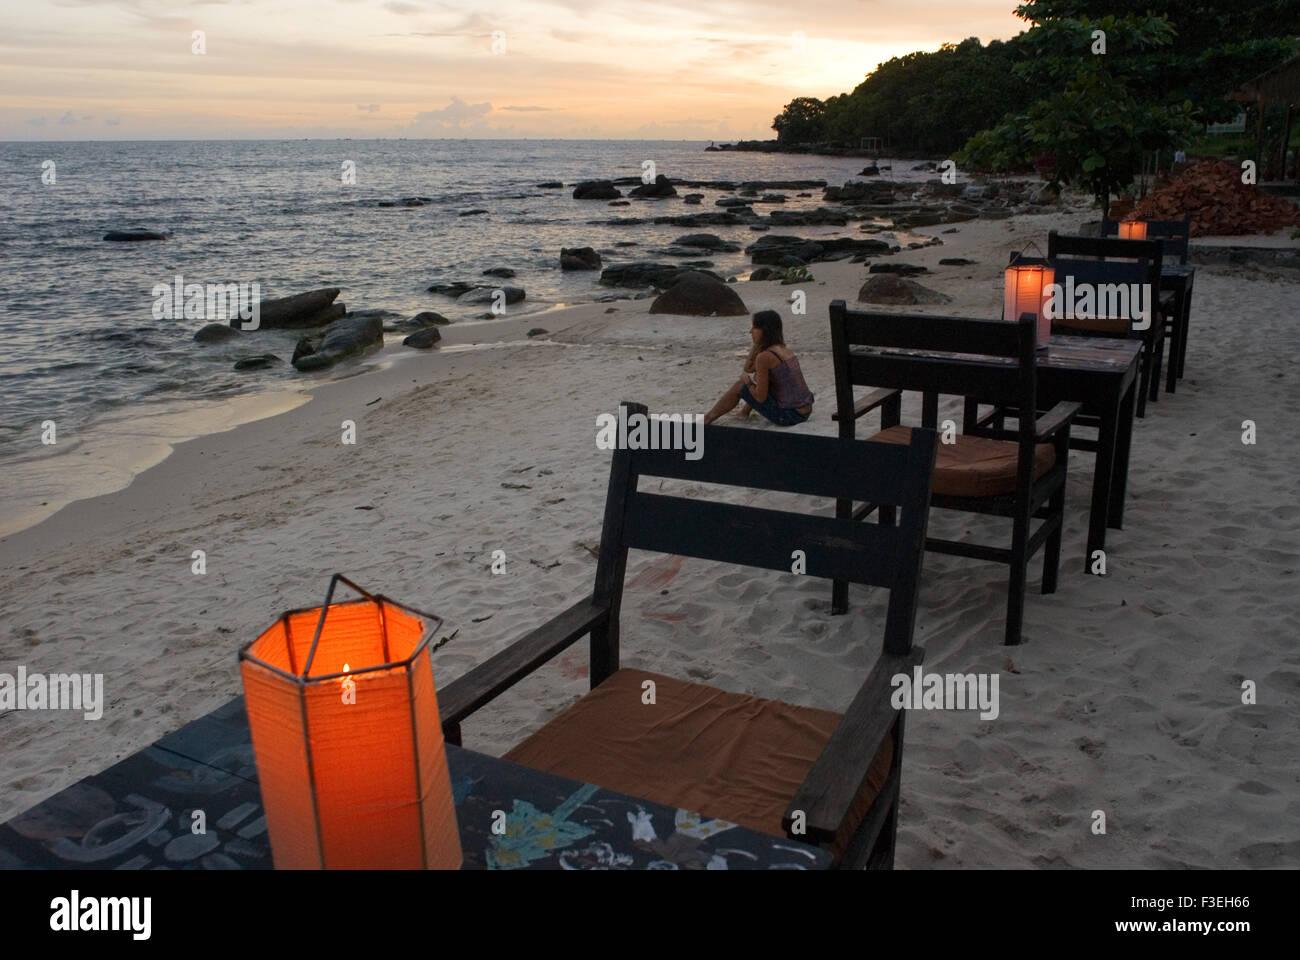 Tableaux de certains des restaurants sur la plage. Plage de Sihanoukville. Certaines de ces plages sont bondées Banque D'Images